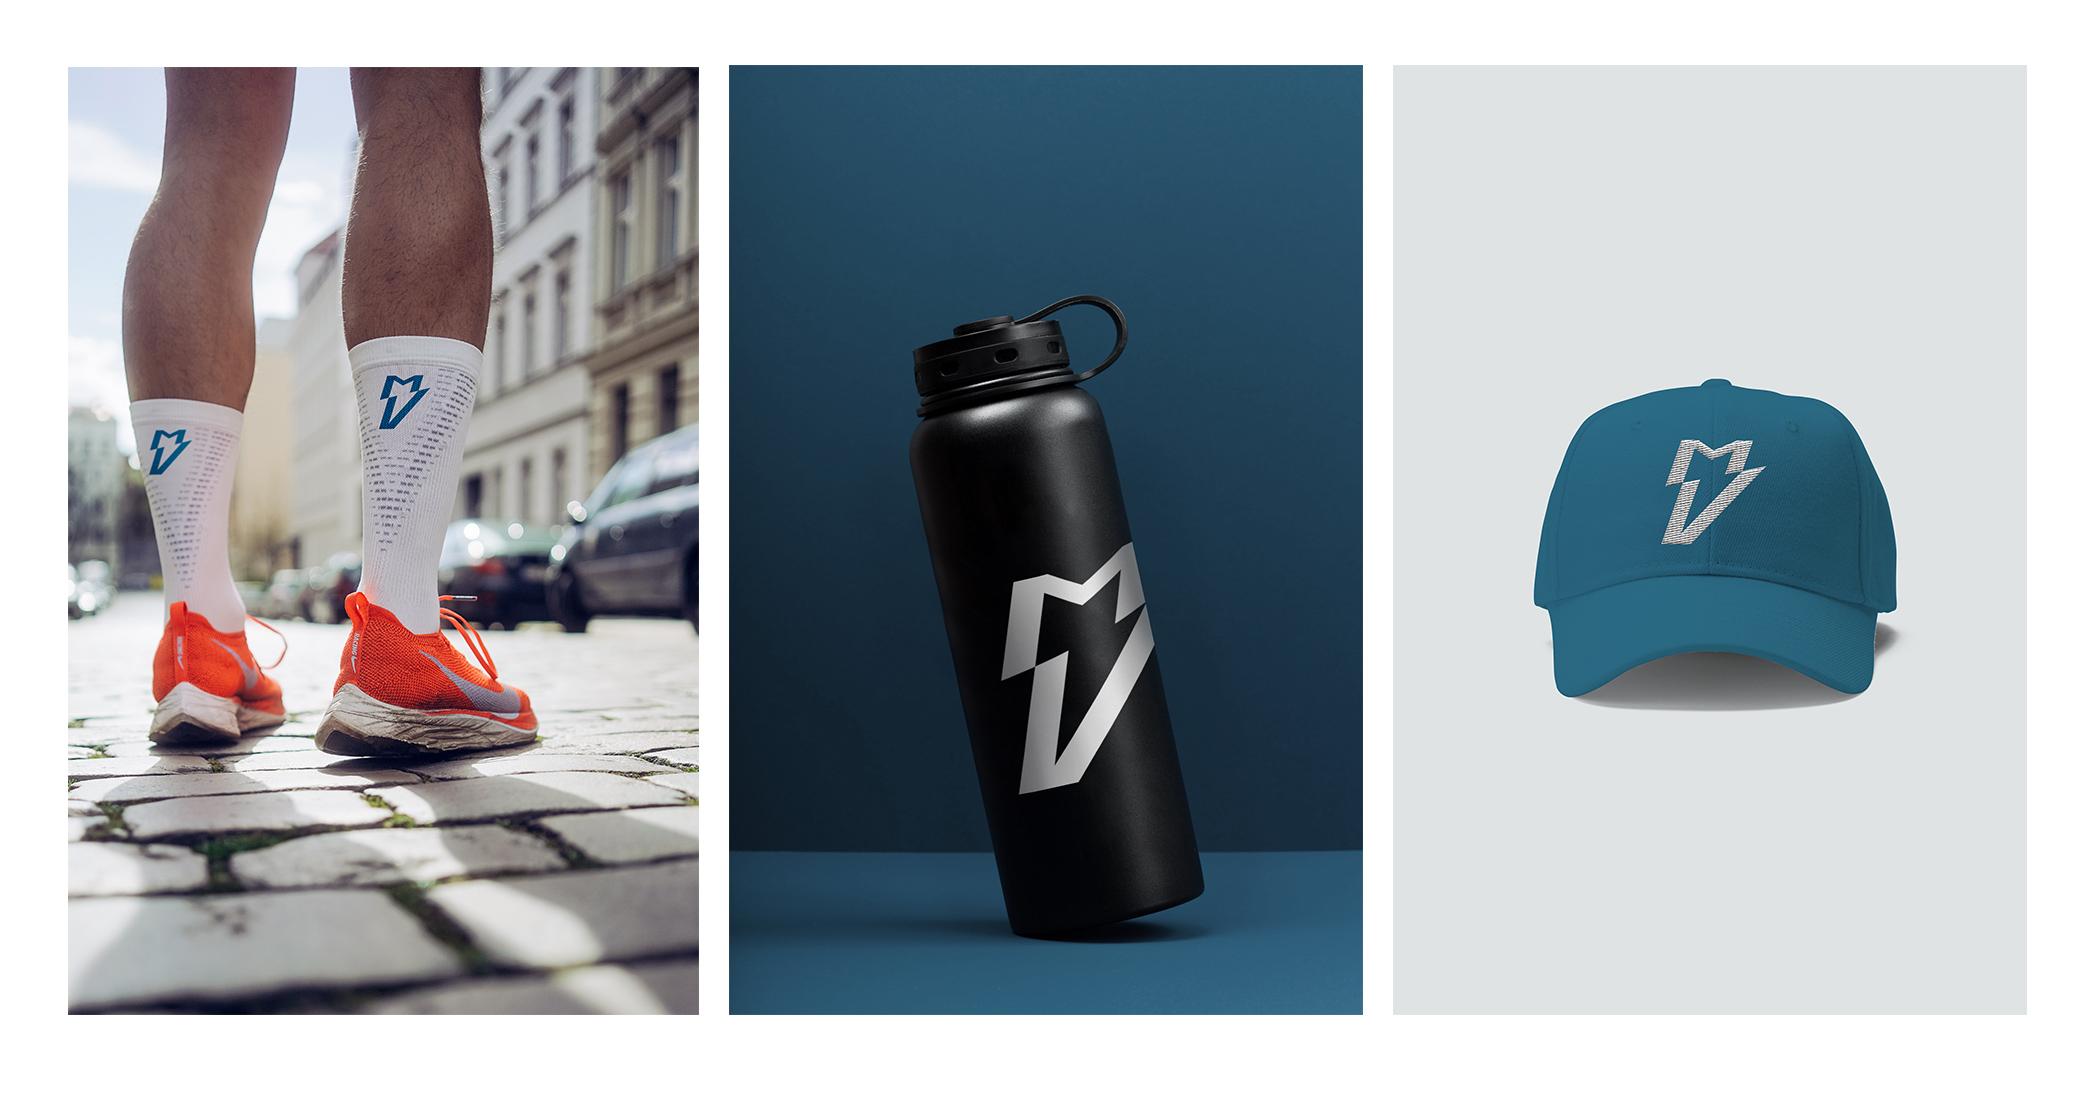 vilniaus-maratonas-design-